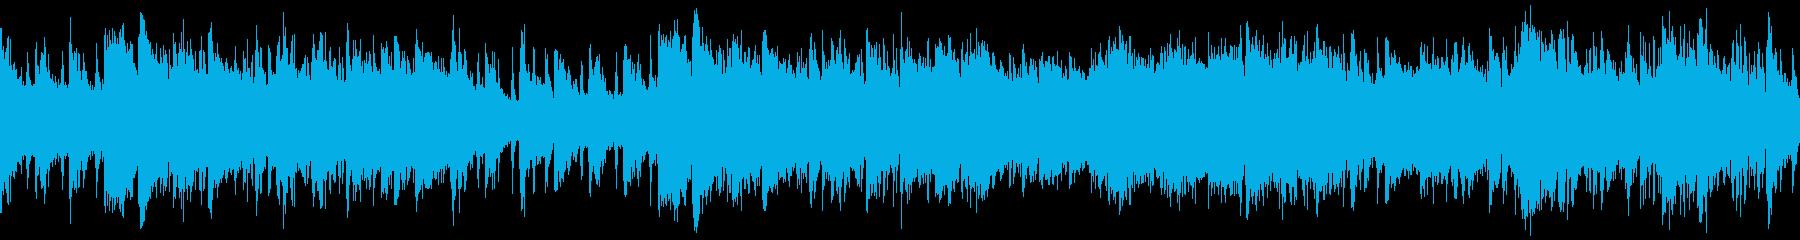 中華風のヒーリング・ループの再生済みの波形